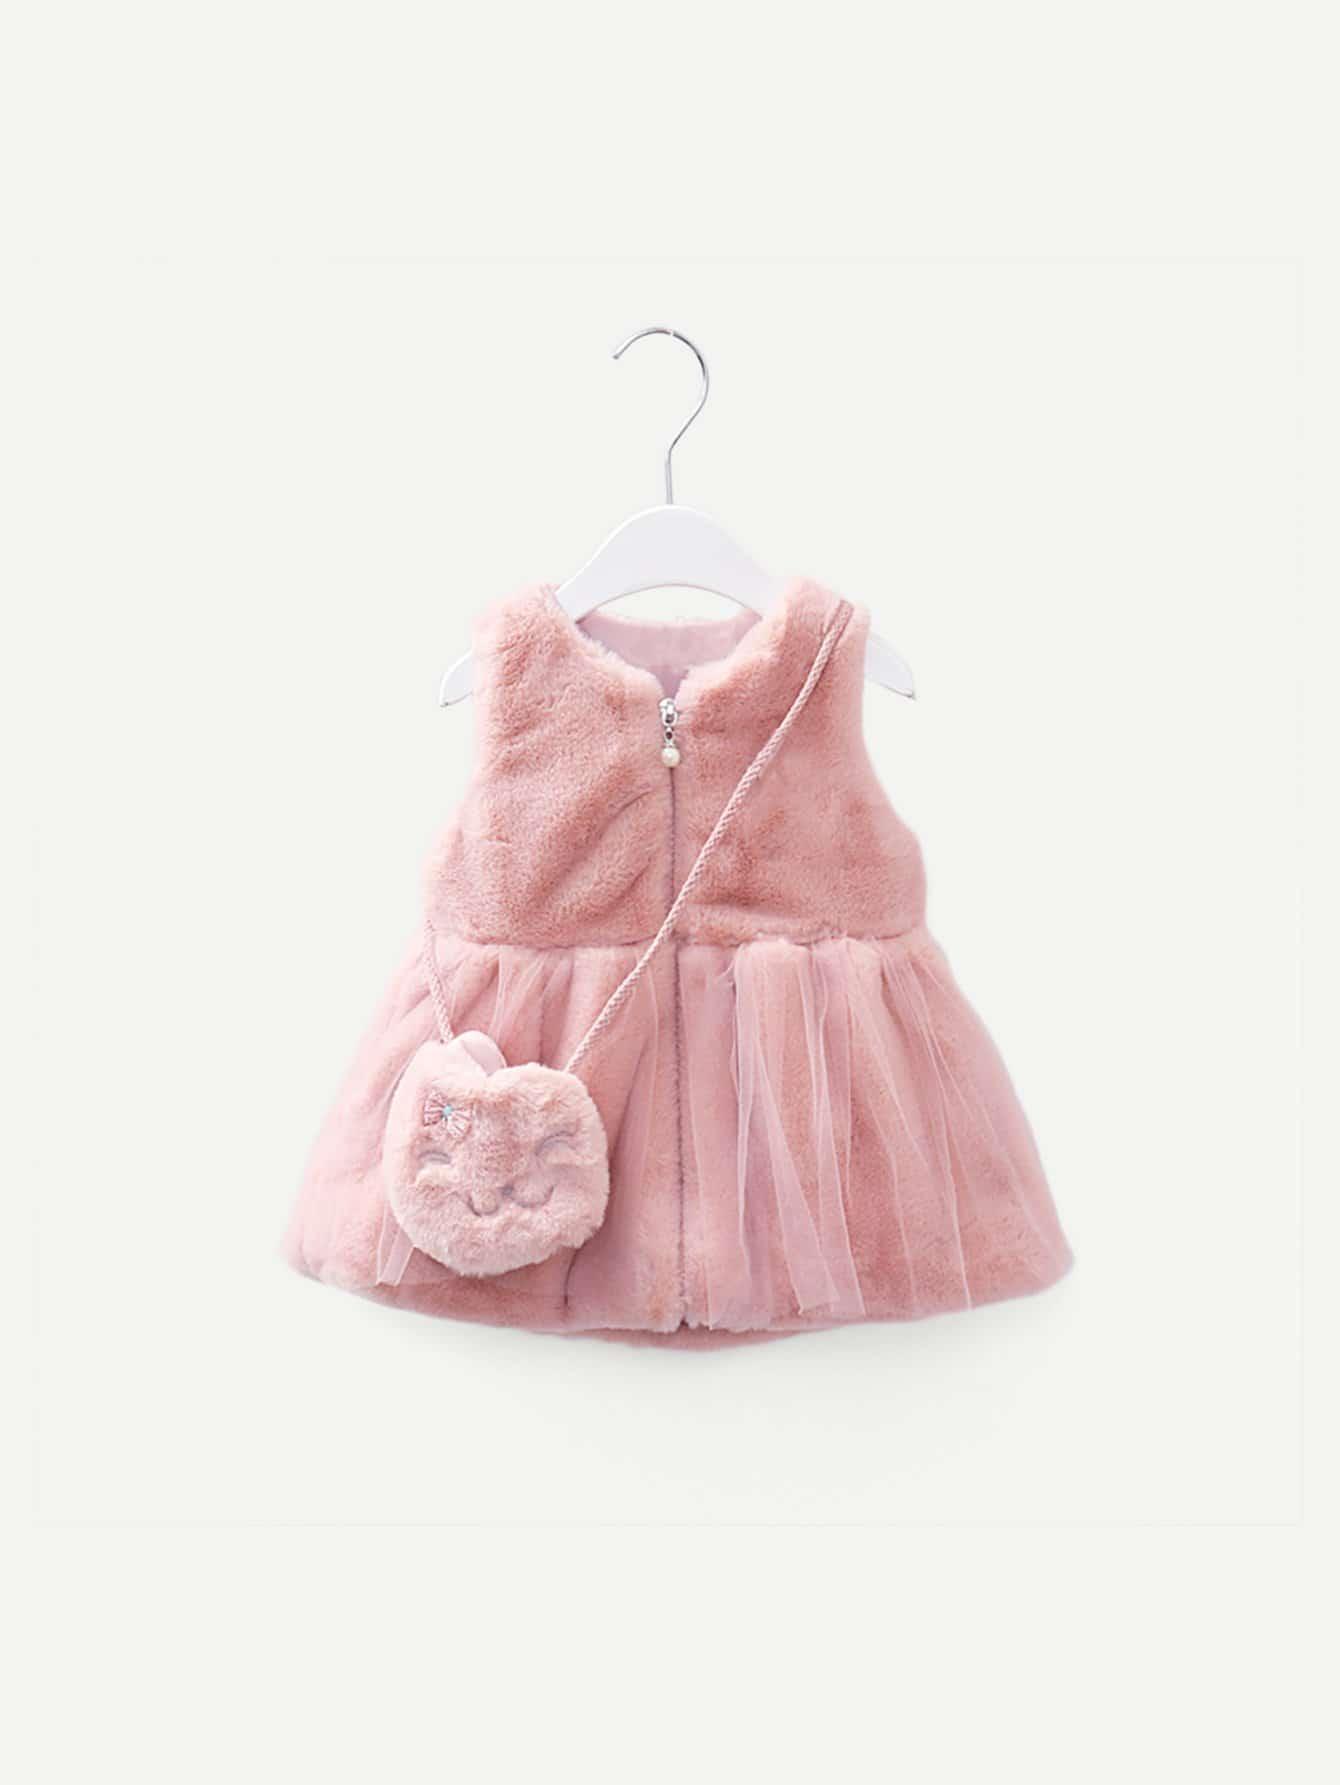 Купить Утеплённый контрастный сетчатый жилет из искусственных мехов и сумка для девочек, null, SheIn